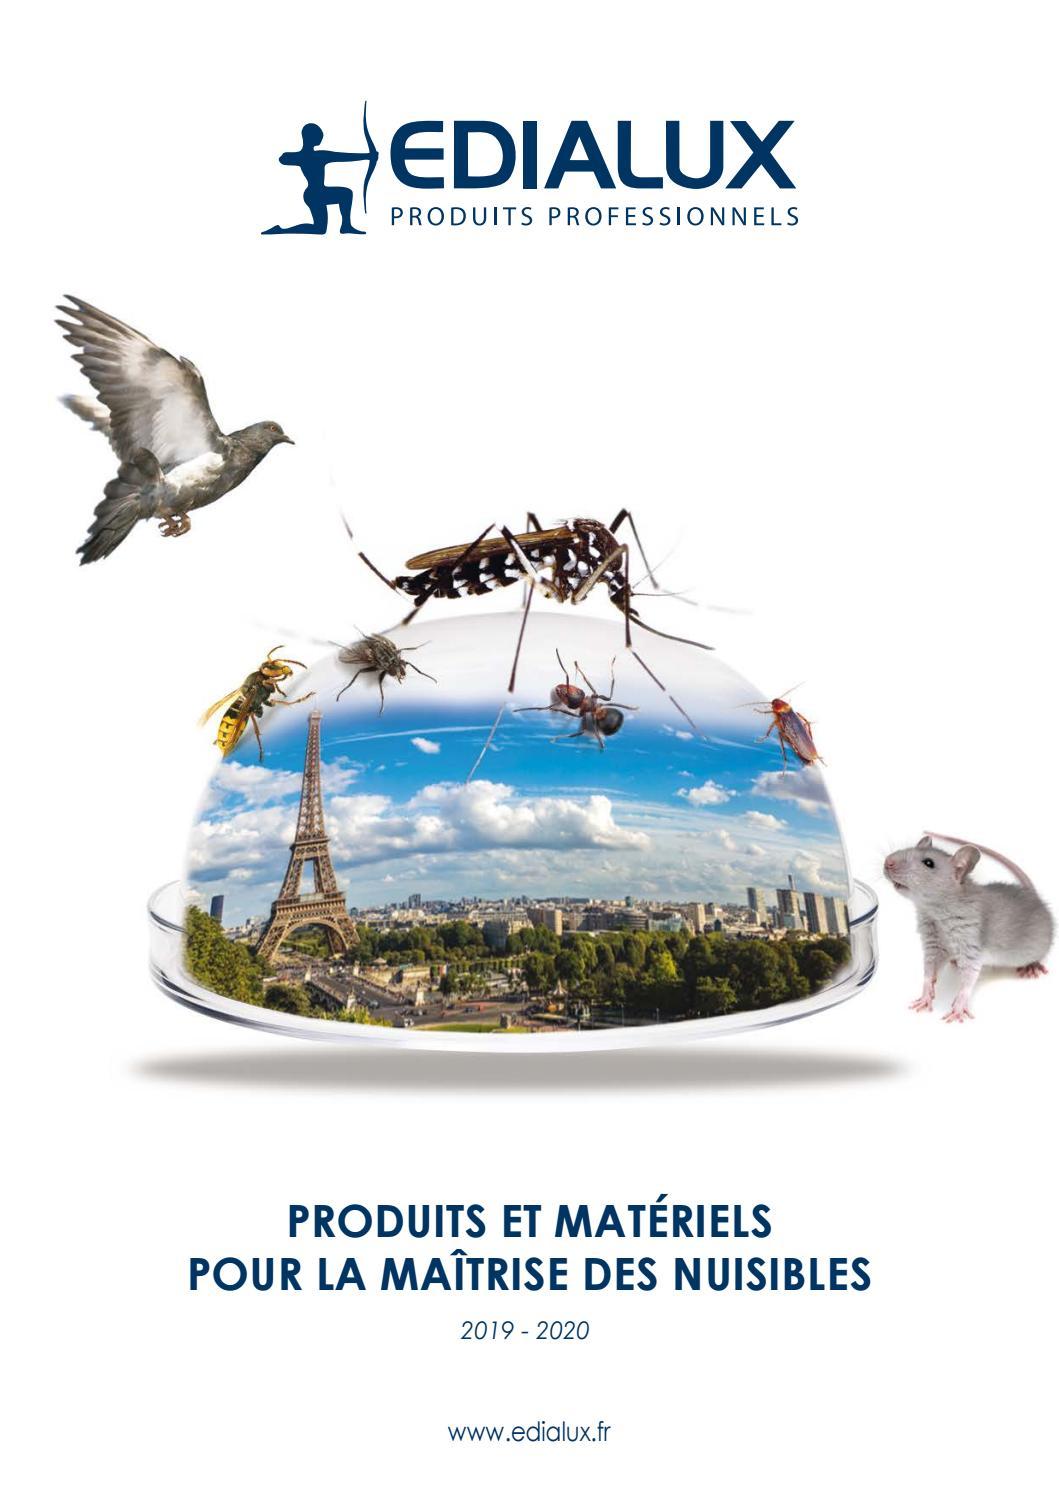 Quel Produit Pour Tuer Les Blattes catalogue edialux 2019-20edialux - issuu